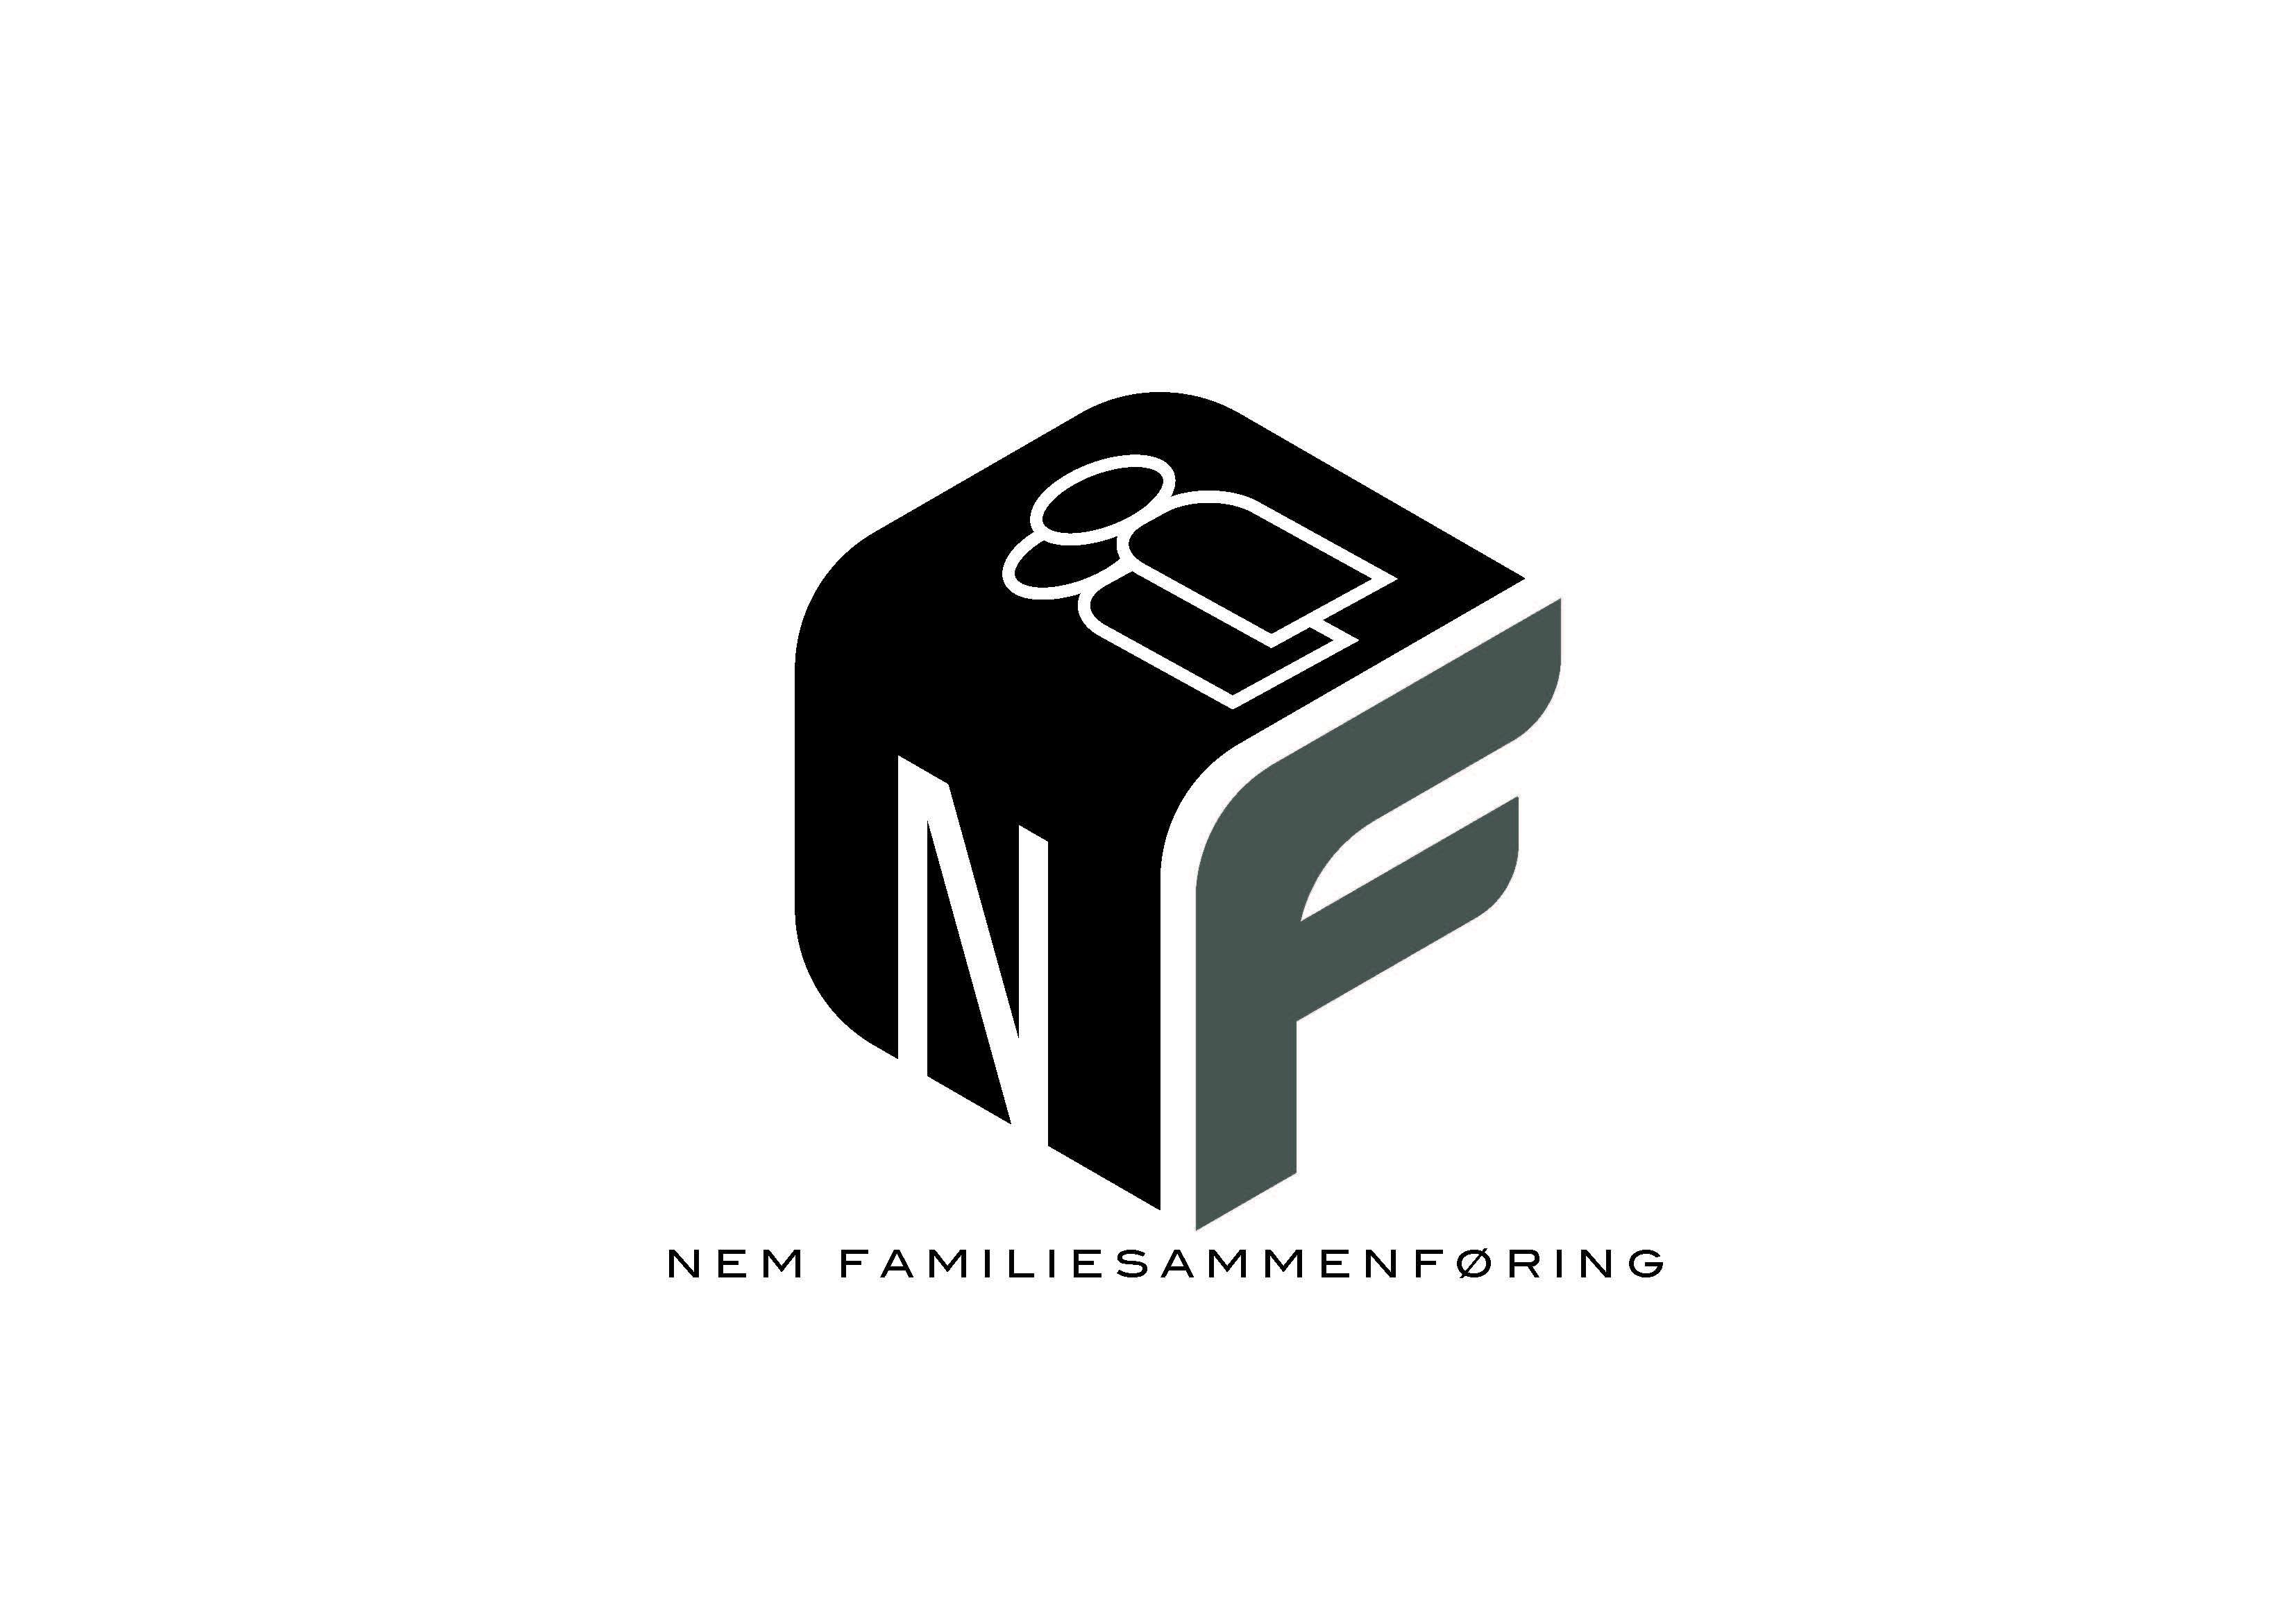 Familiesammenføring - opholdstilladelser og dansk statsborgerskab